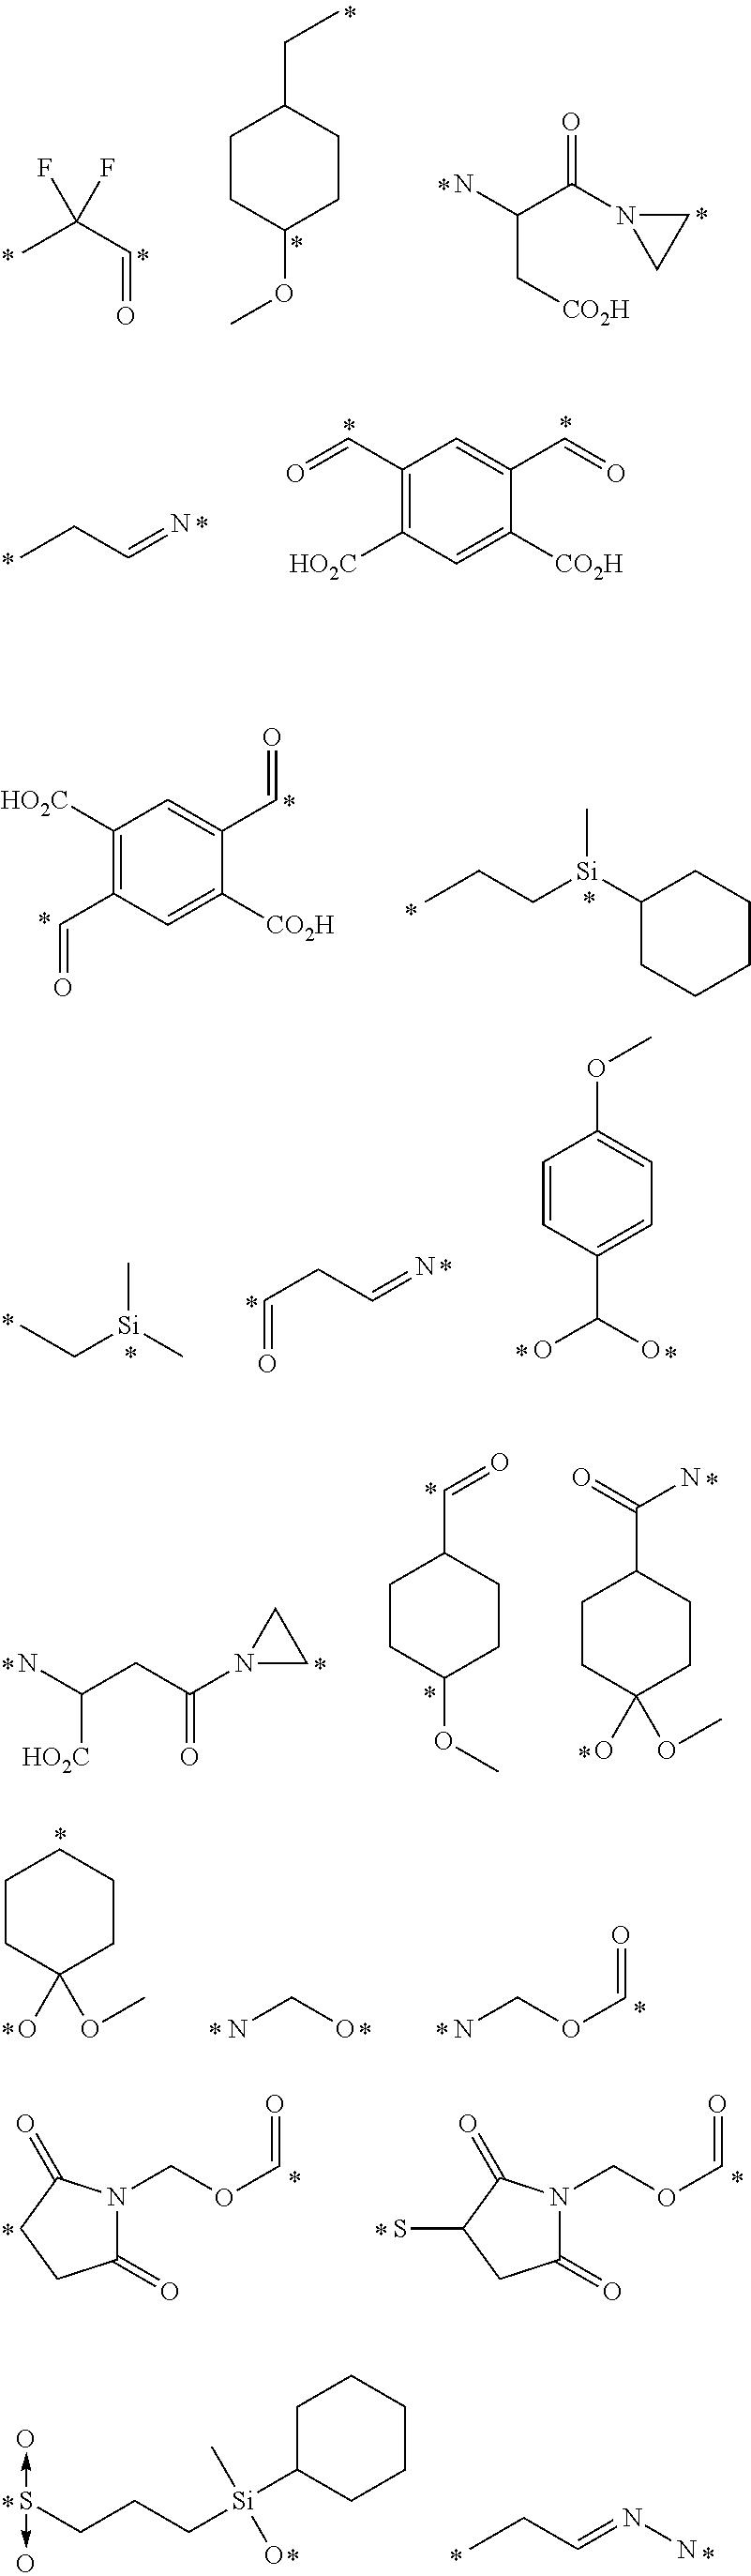 Figure US08765096-20140701-C00004